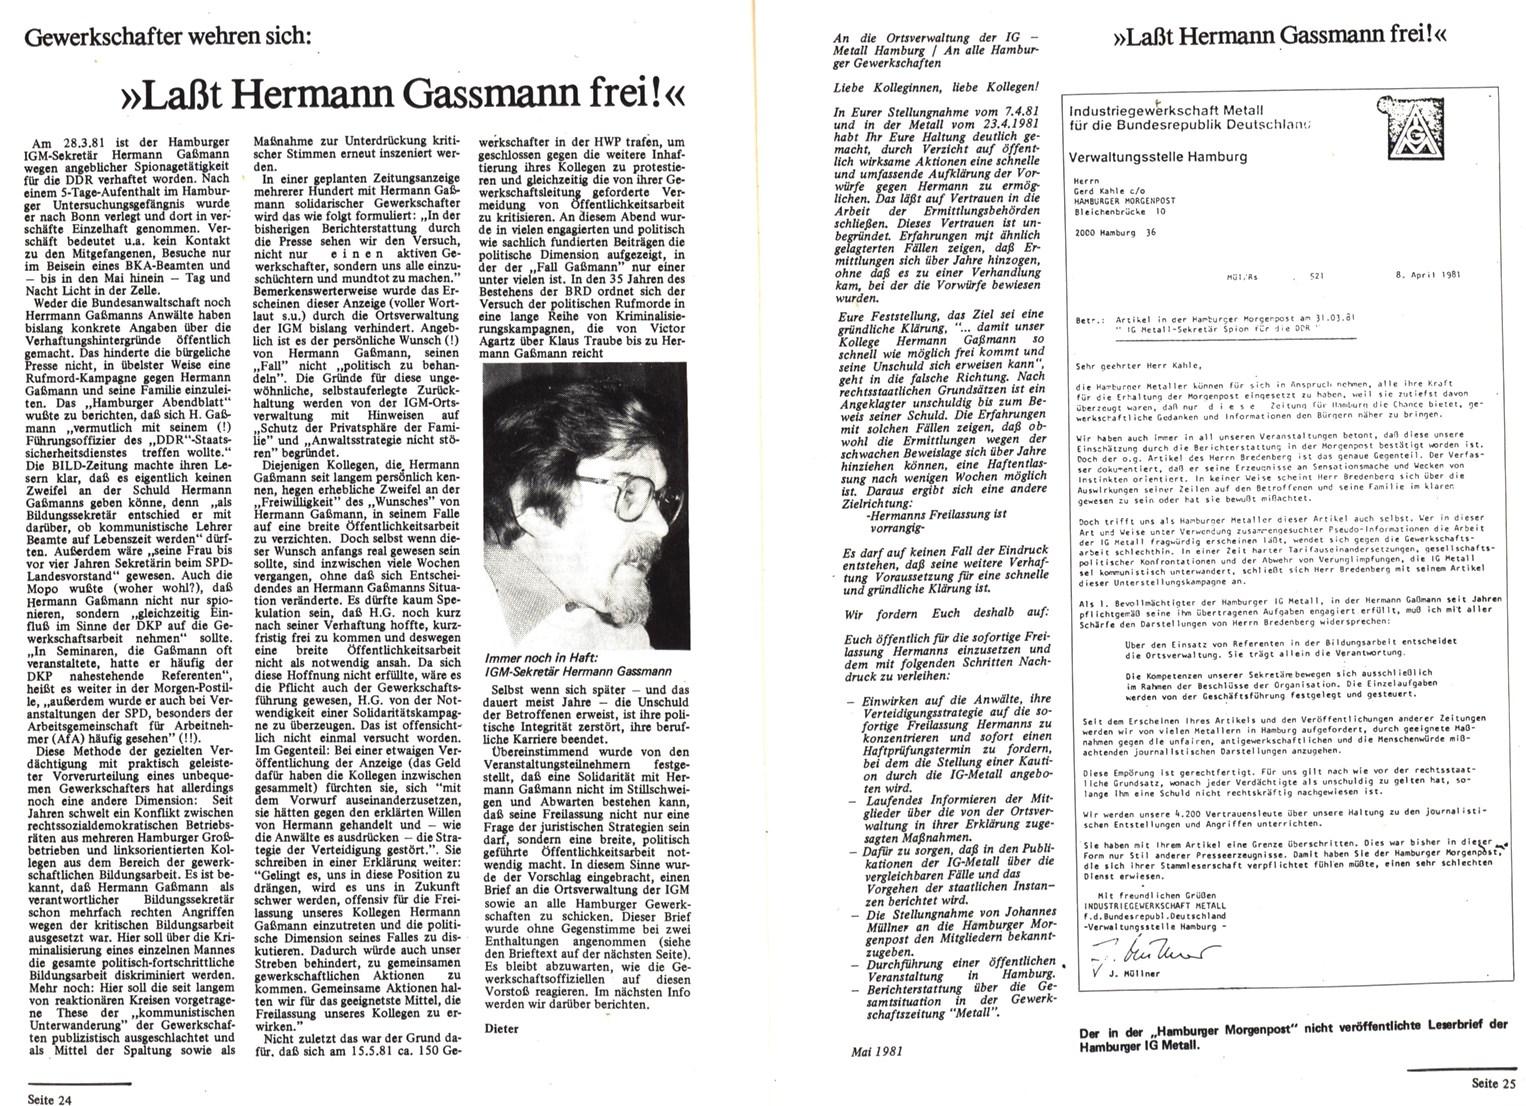 Hamburg_BuLi_Info_19810600_13